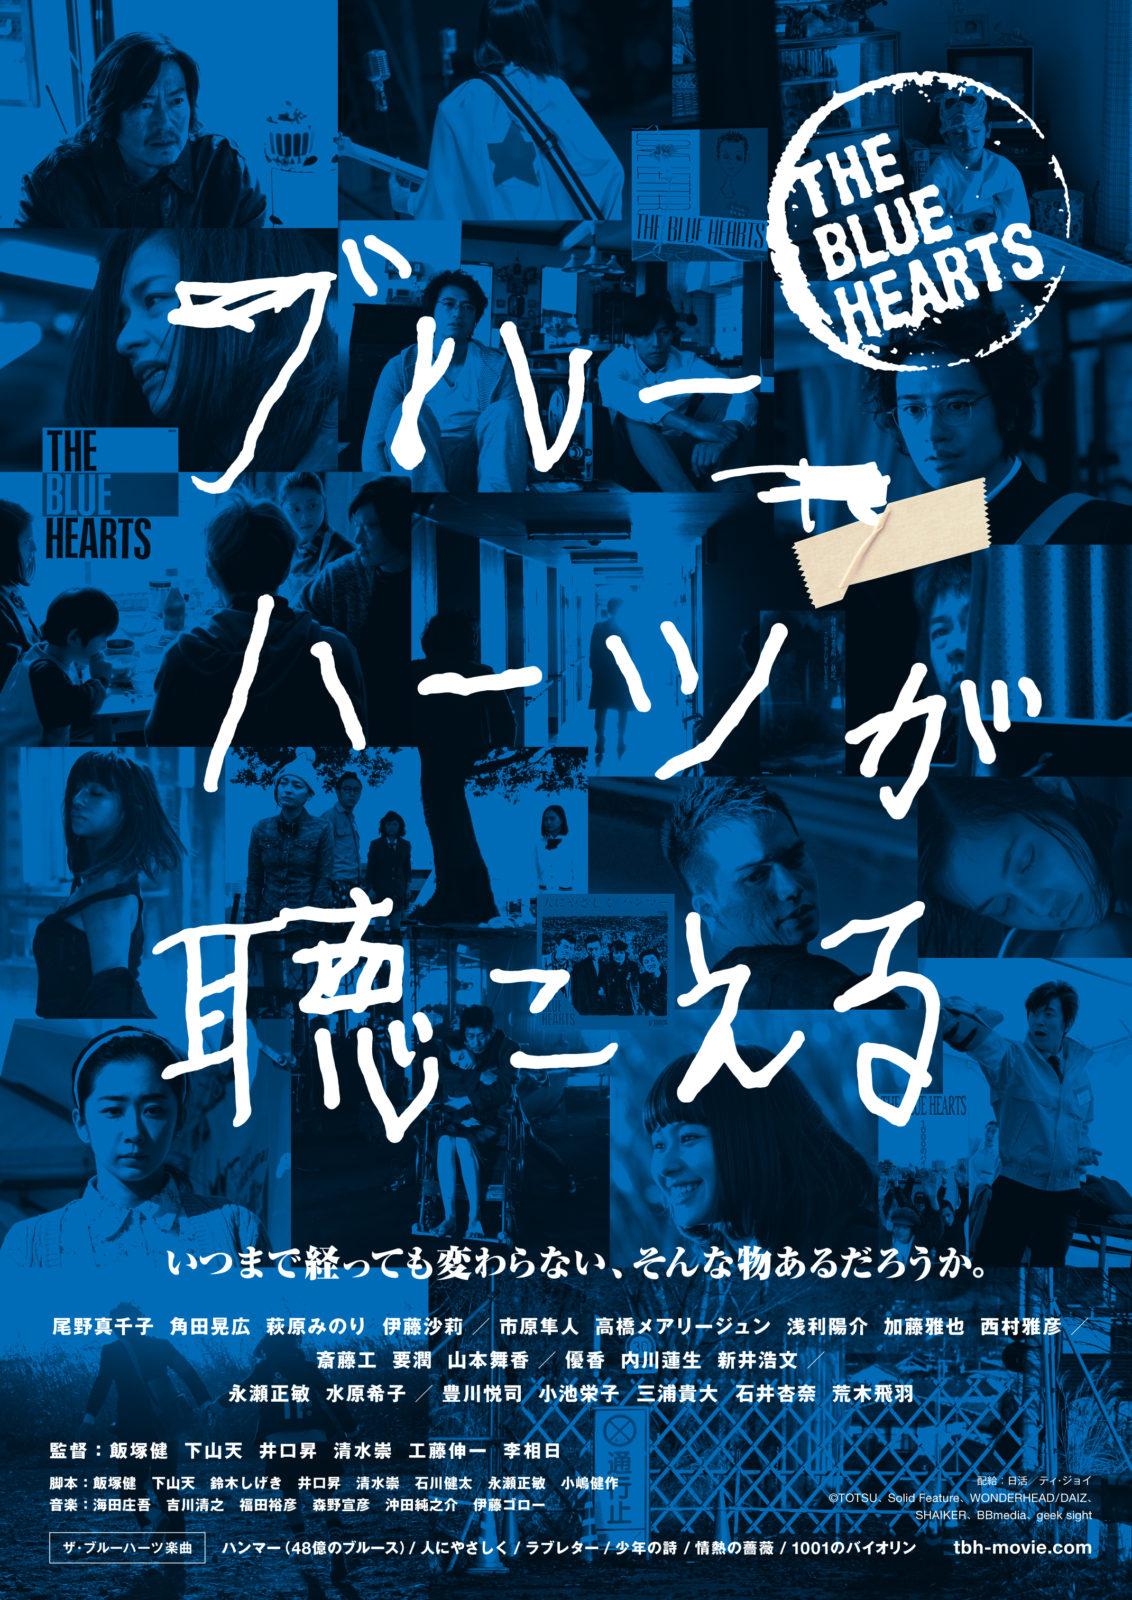 尾野真千子、市原隼人、斎藤工ら豪華キャストが出演した映画『ブルーハーツが聴こえる』が発売決定サムネイル画像